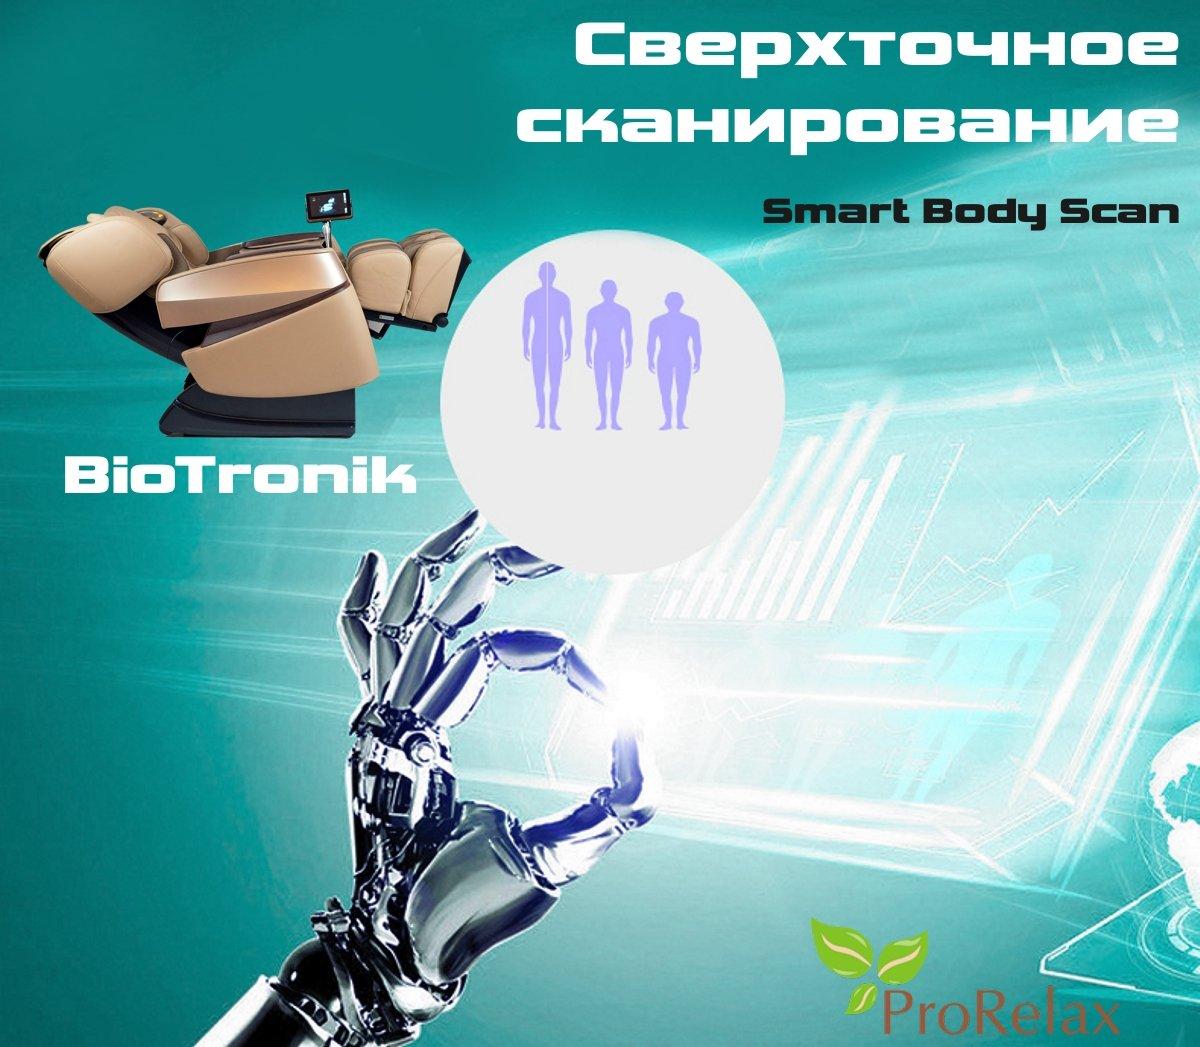 Массажное кресло BioTronic 3D оснащено технологией сканирования